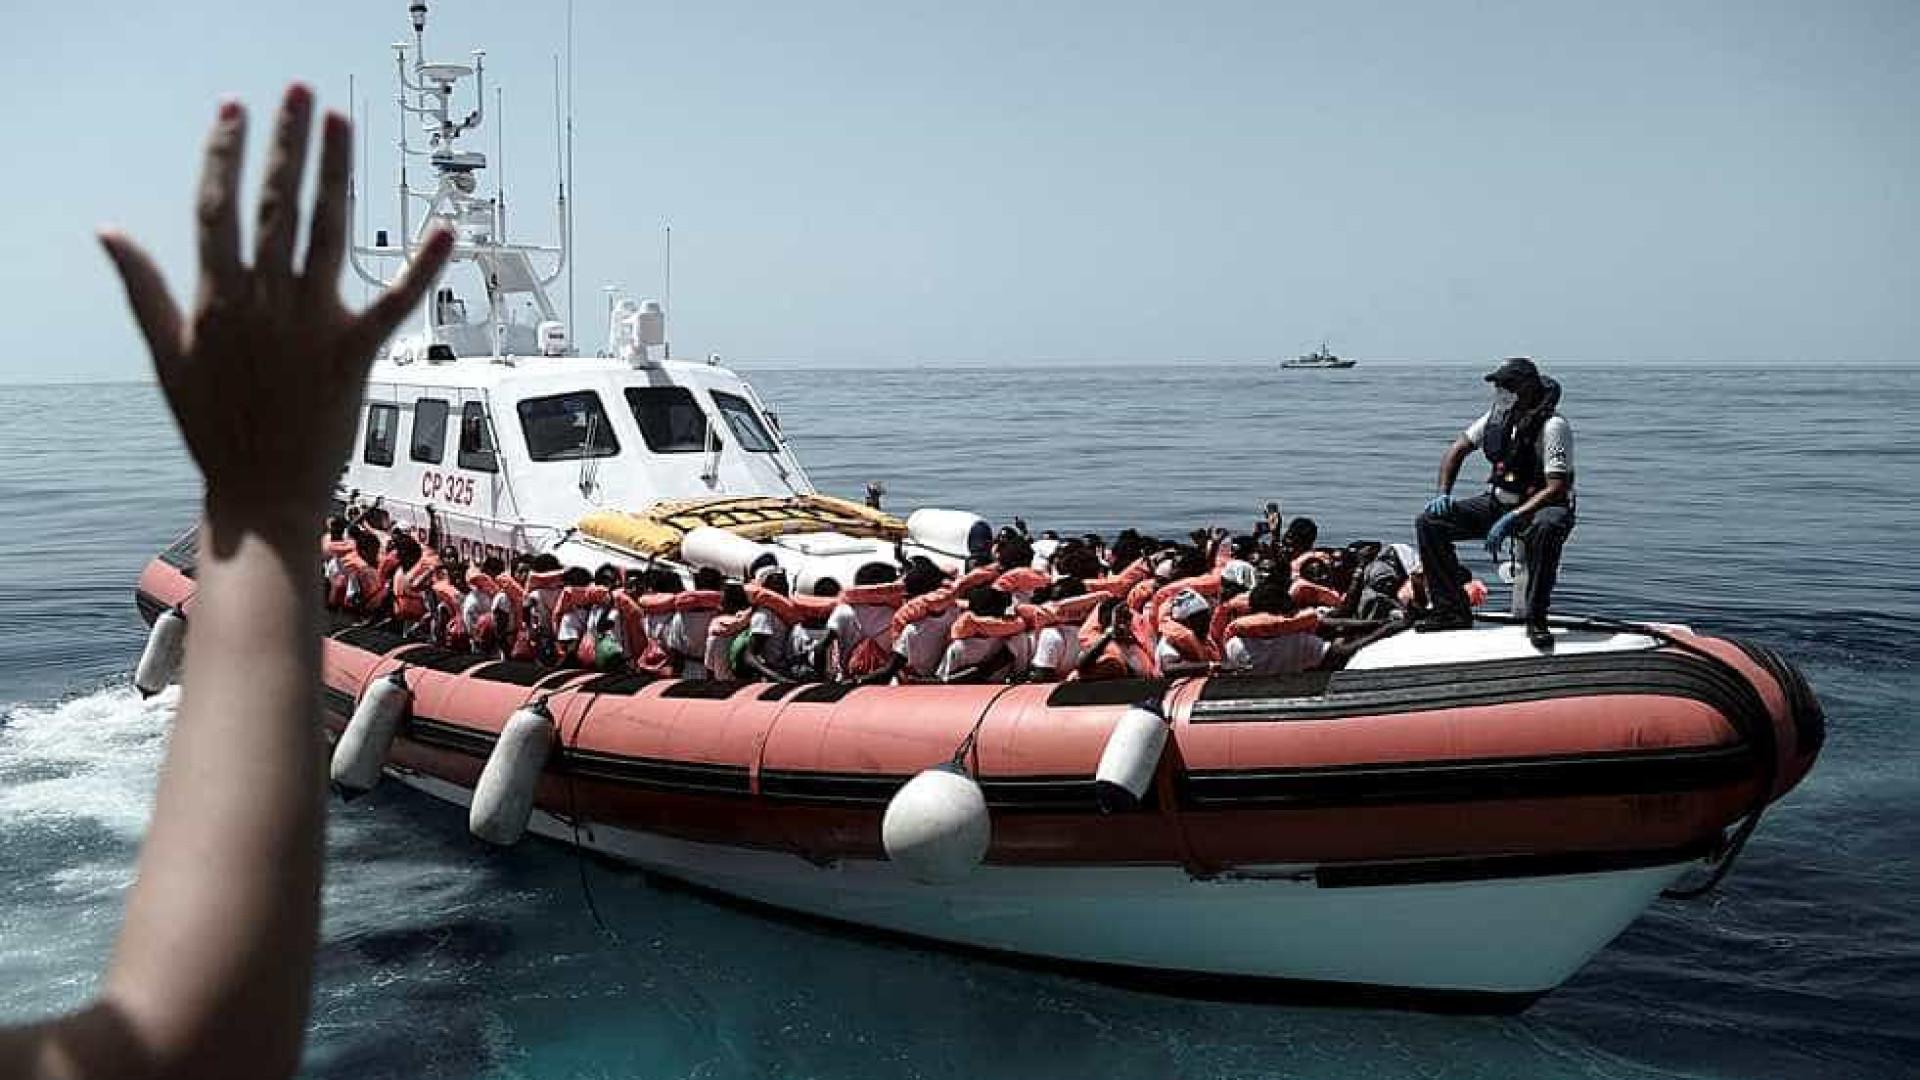 Crise imigratória gera tensão entre Itália e França